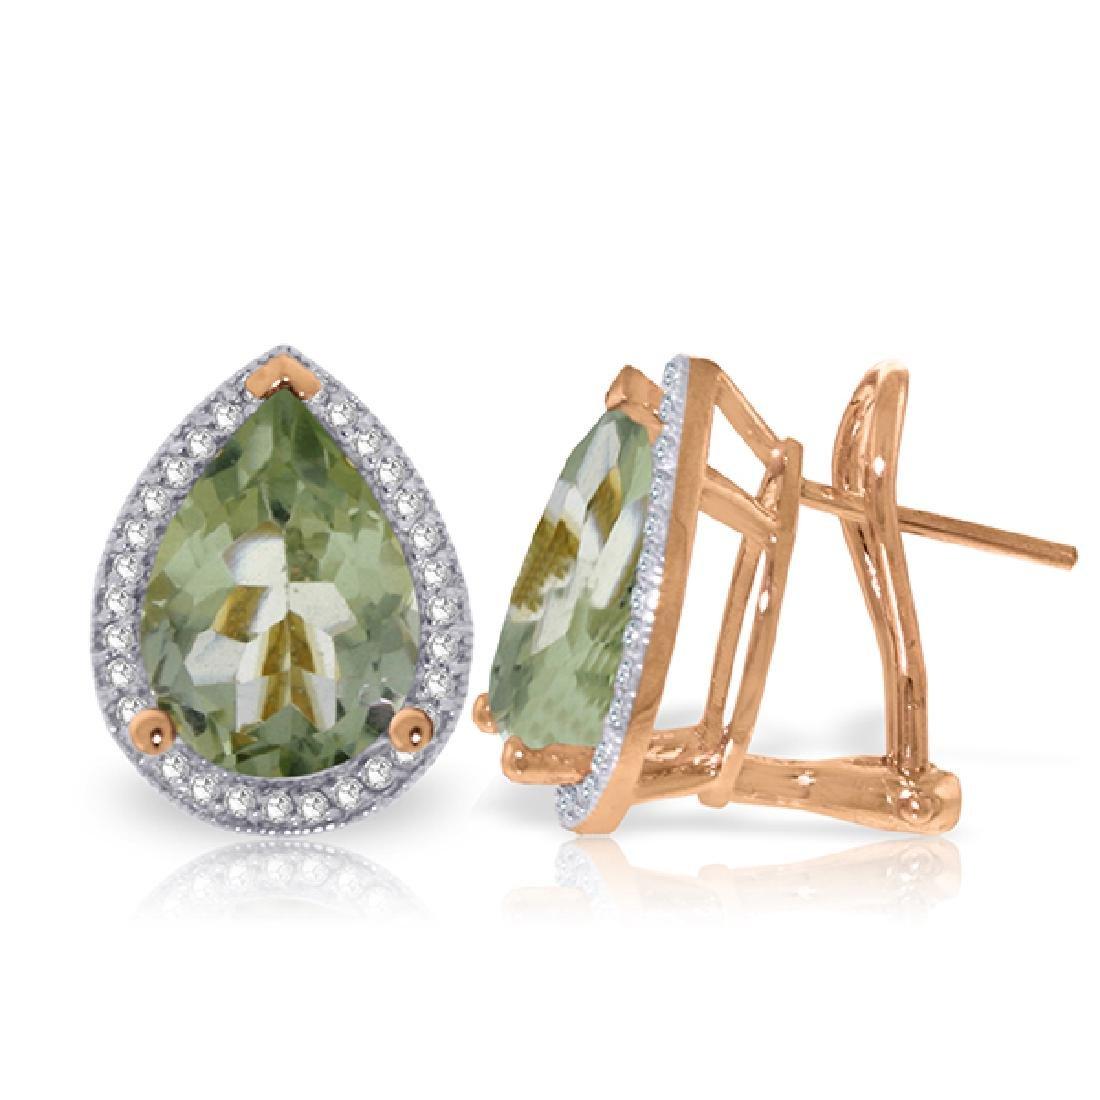 Genuine 6.82 ctw Amethyst & Diamond Earrings Jewelry